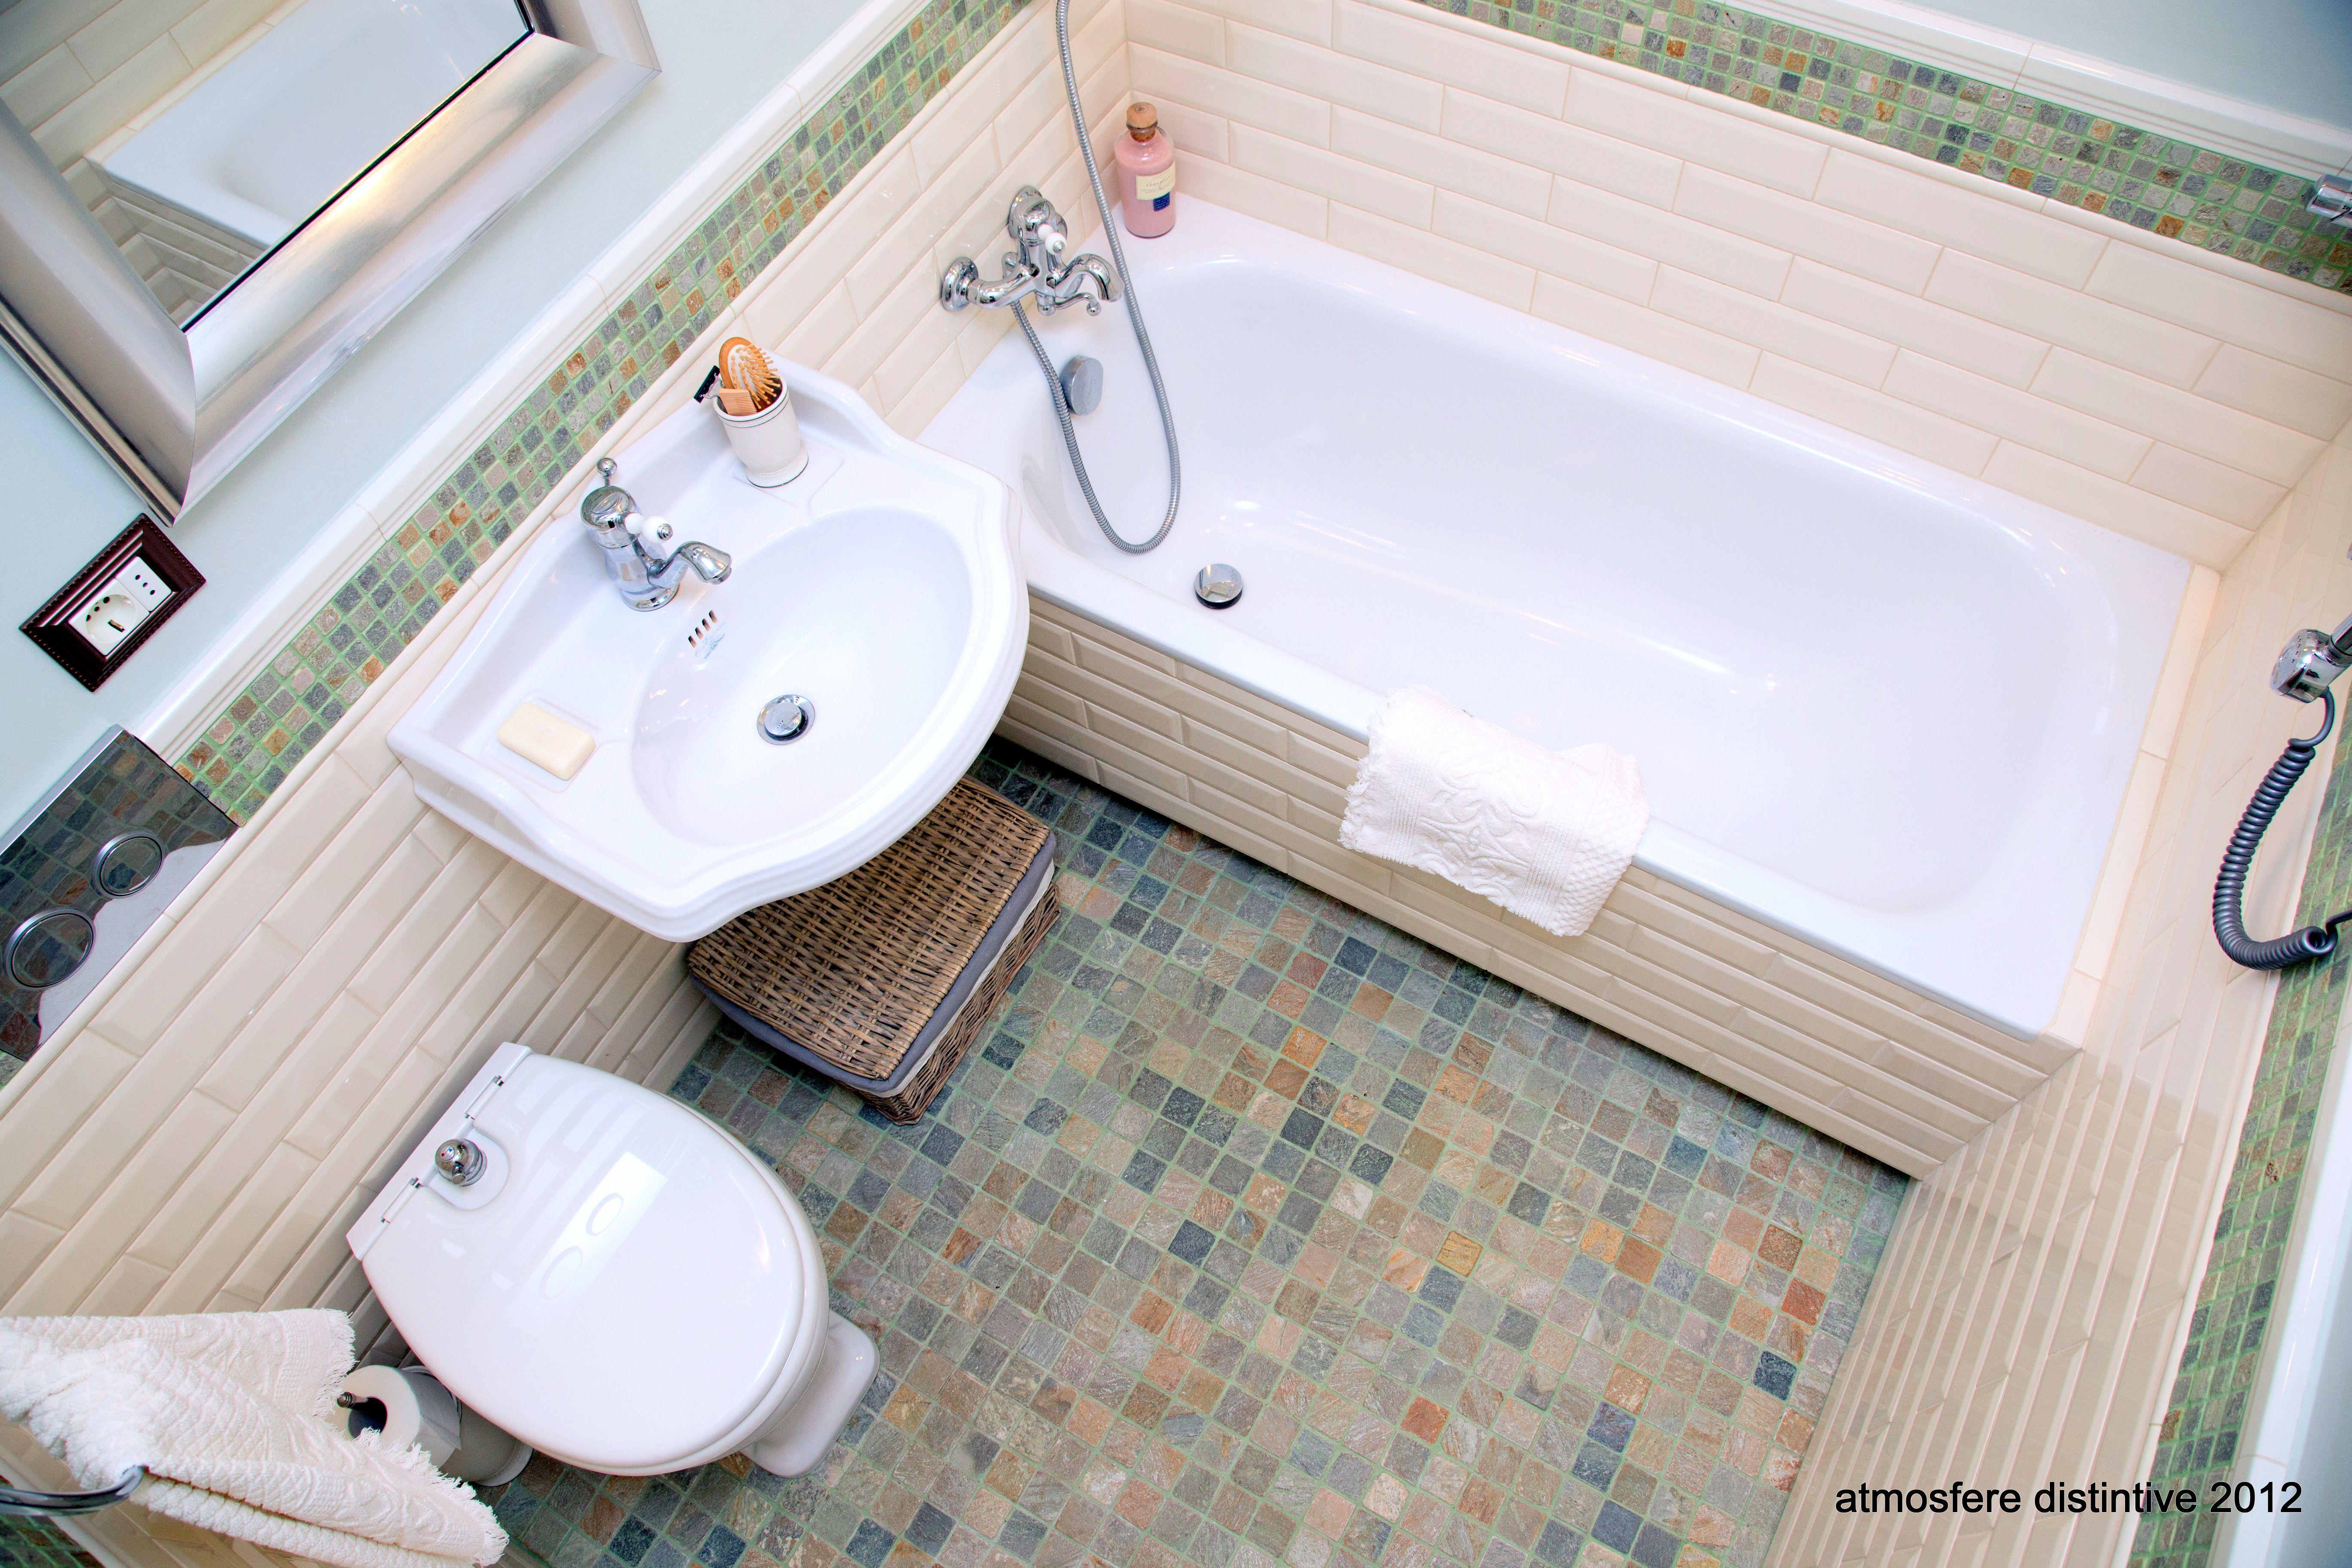 Vasca Da Bagno Dimensioni Minime : Sapore retrò per il bagno in casa storica dalle dimensioni minime